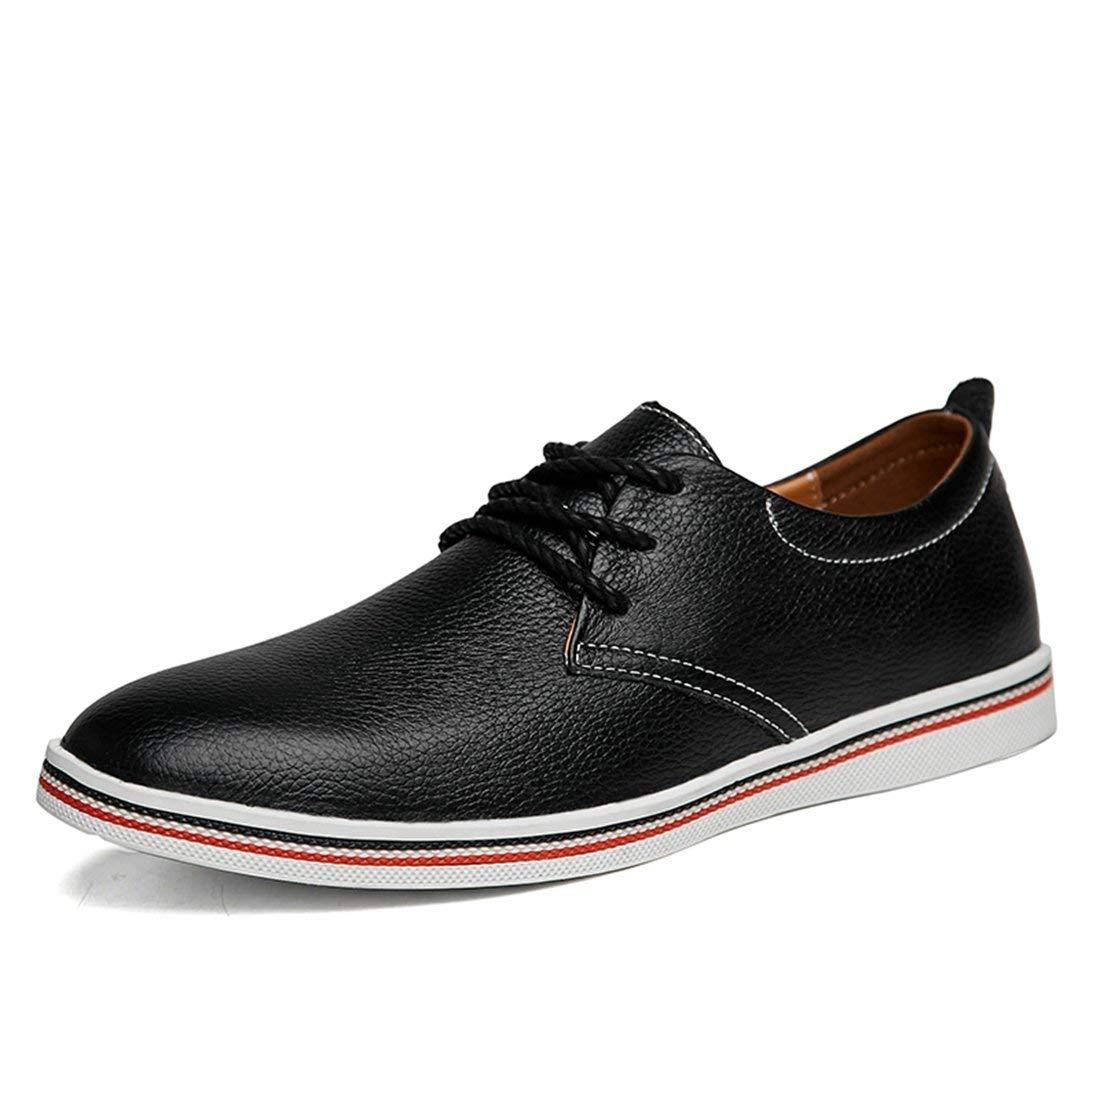 Jungen Herren Oxfords Style Schwarz Fashion Work Turnschuhe UK 10.5 (Farbe   -, Größe   -)